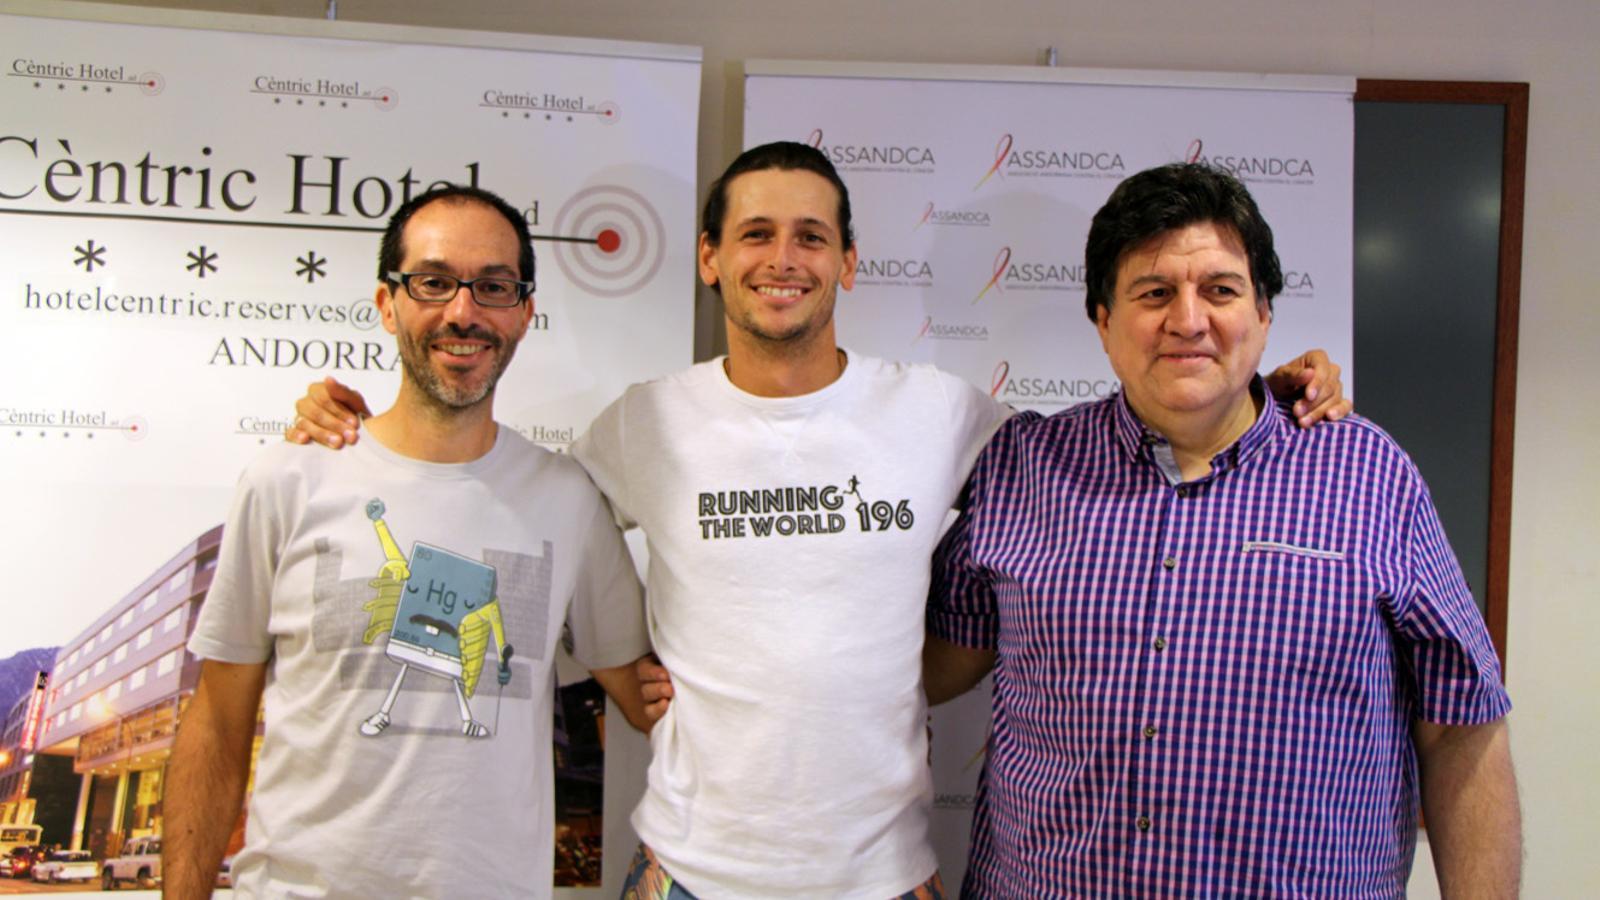 Els corredors Ángel Cortizo, Nick Butter i el president d'ASSANDCA Josep Saravia, en la roda de premsa de presentació del projecte Running the world 196. / T. N. (ANA)